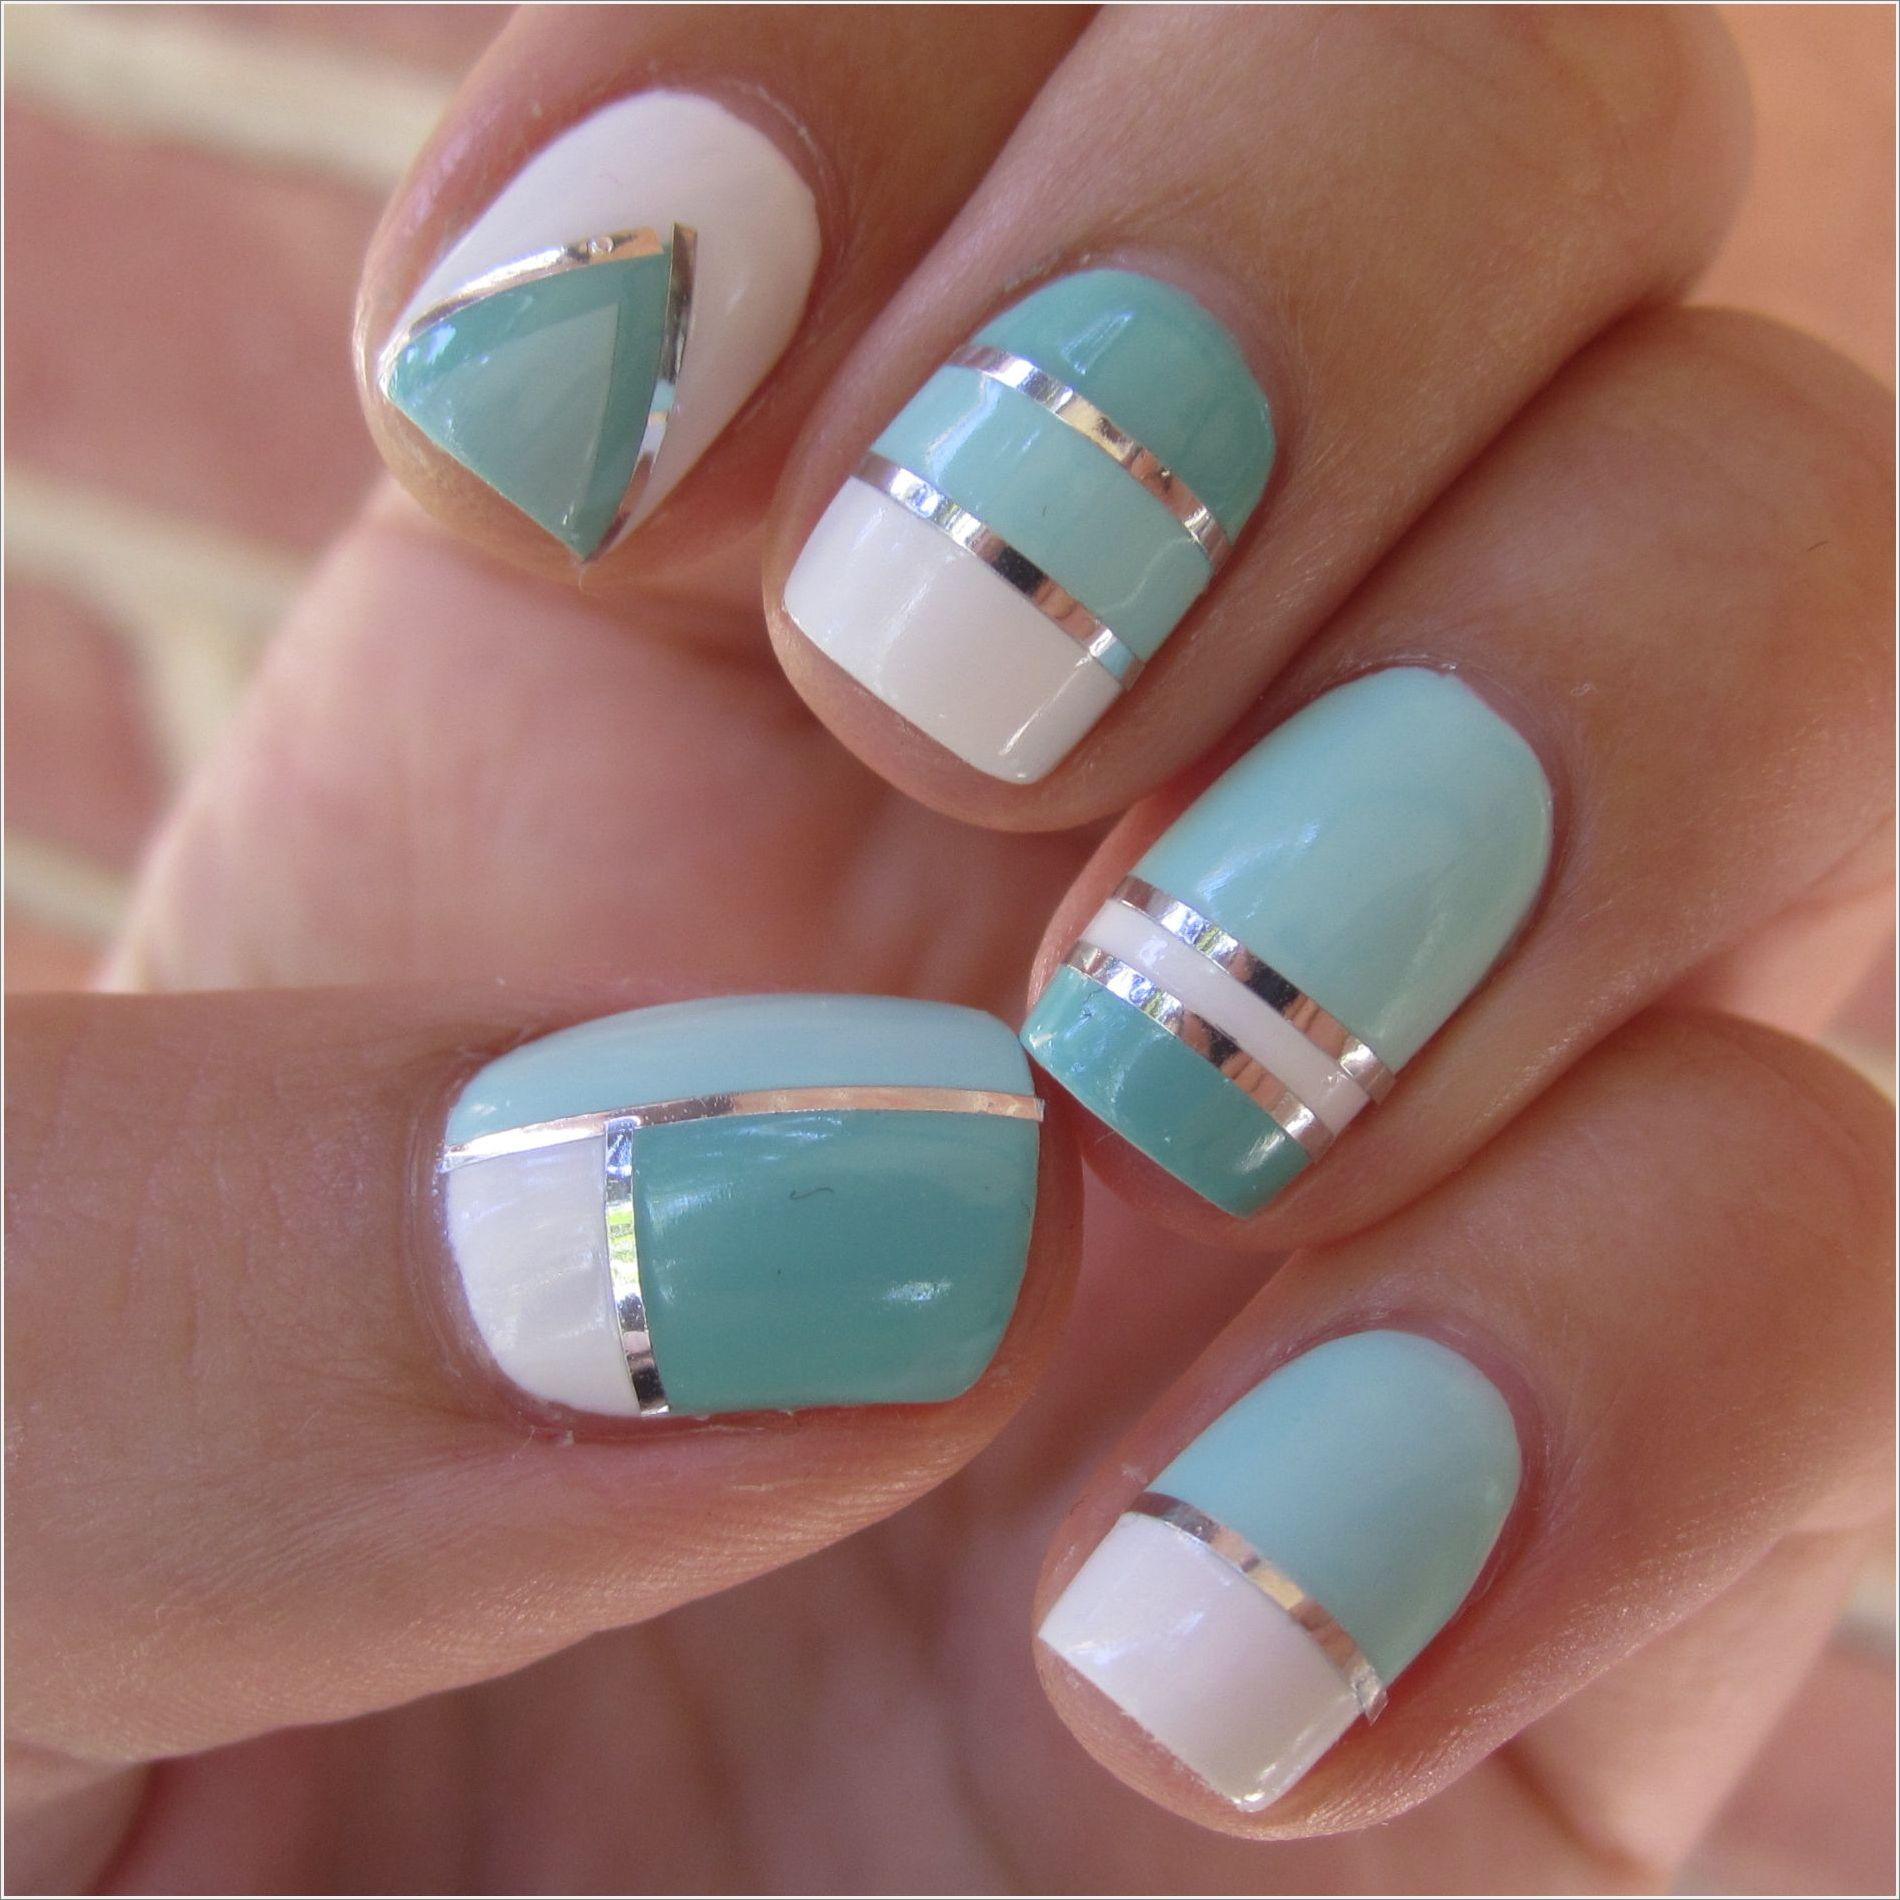 Uñas decoradas con esmalte azul y blanco